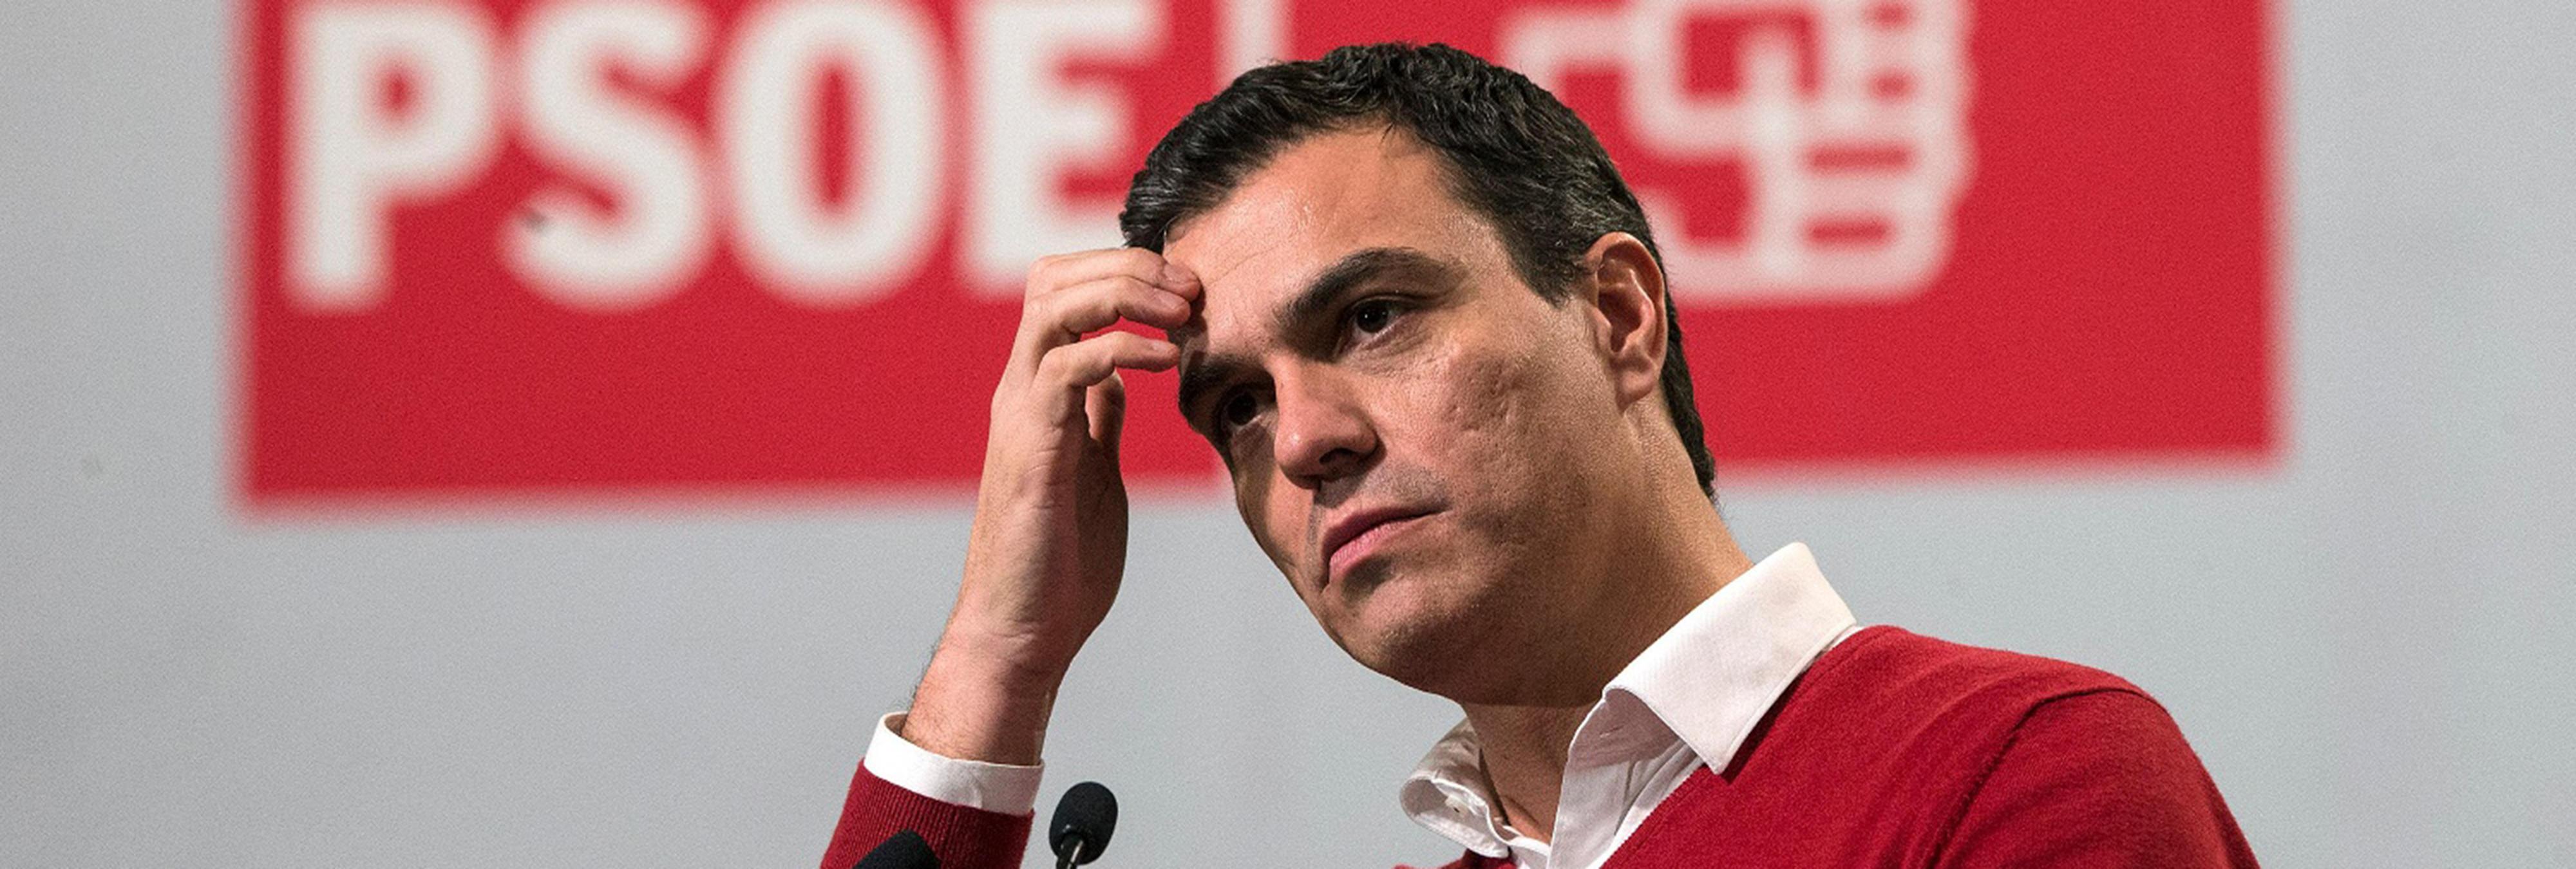 La guerra interna del PSOE también se vive entre las redes sociales oficiales del partido